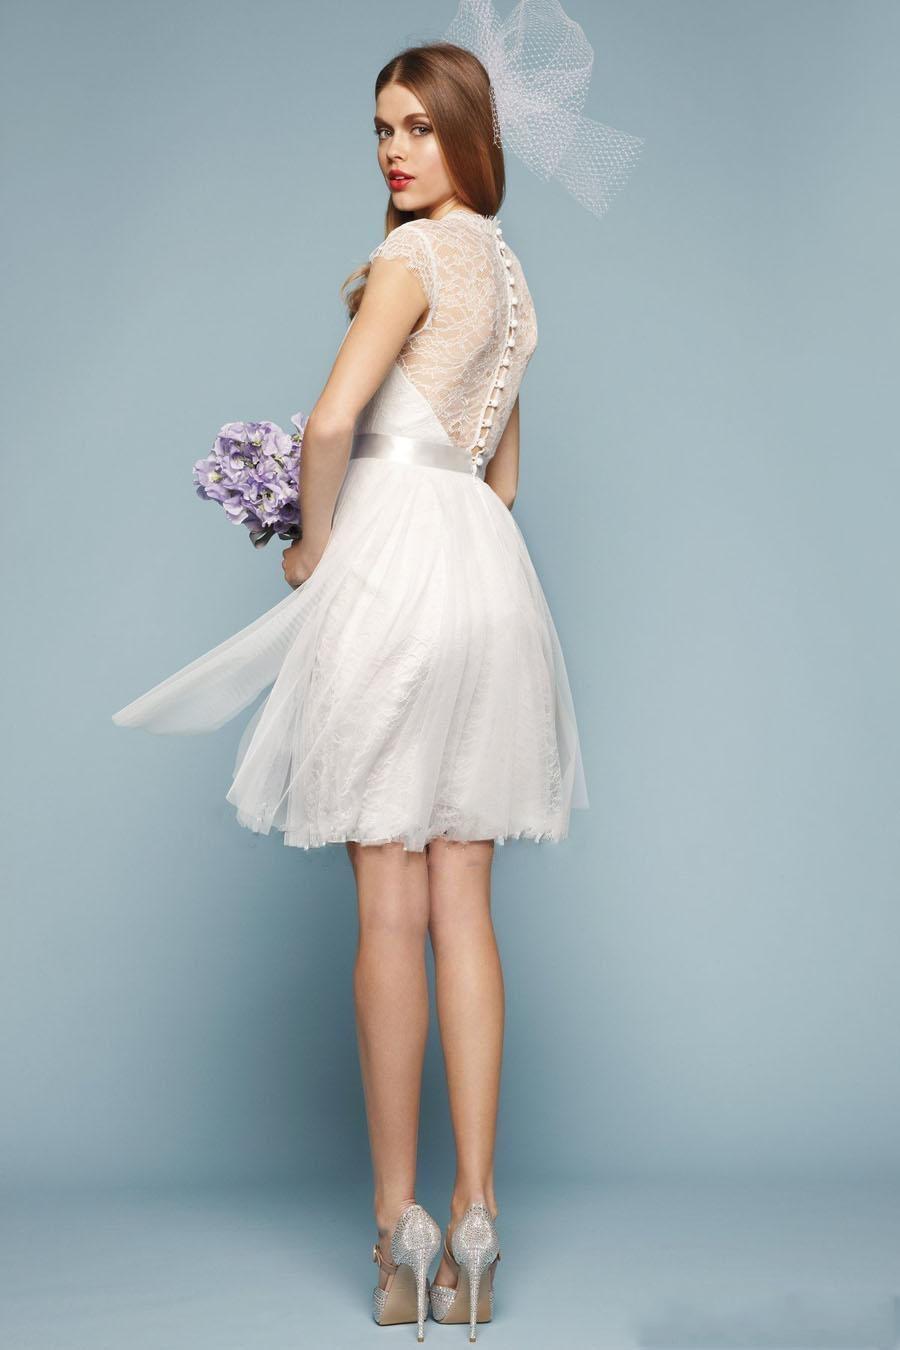 Où puis-je vendre mes robe de mariée en ligne  Photographie